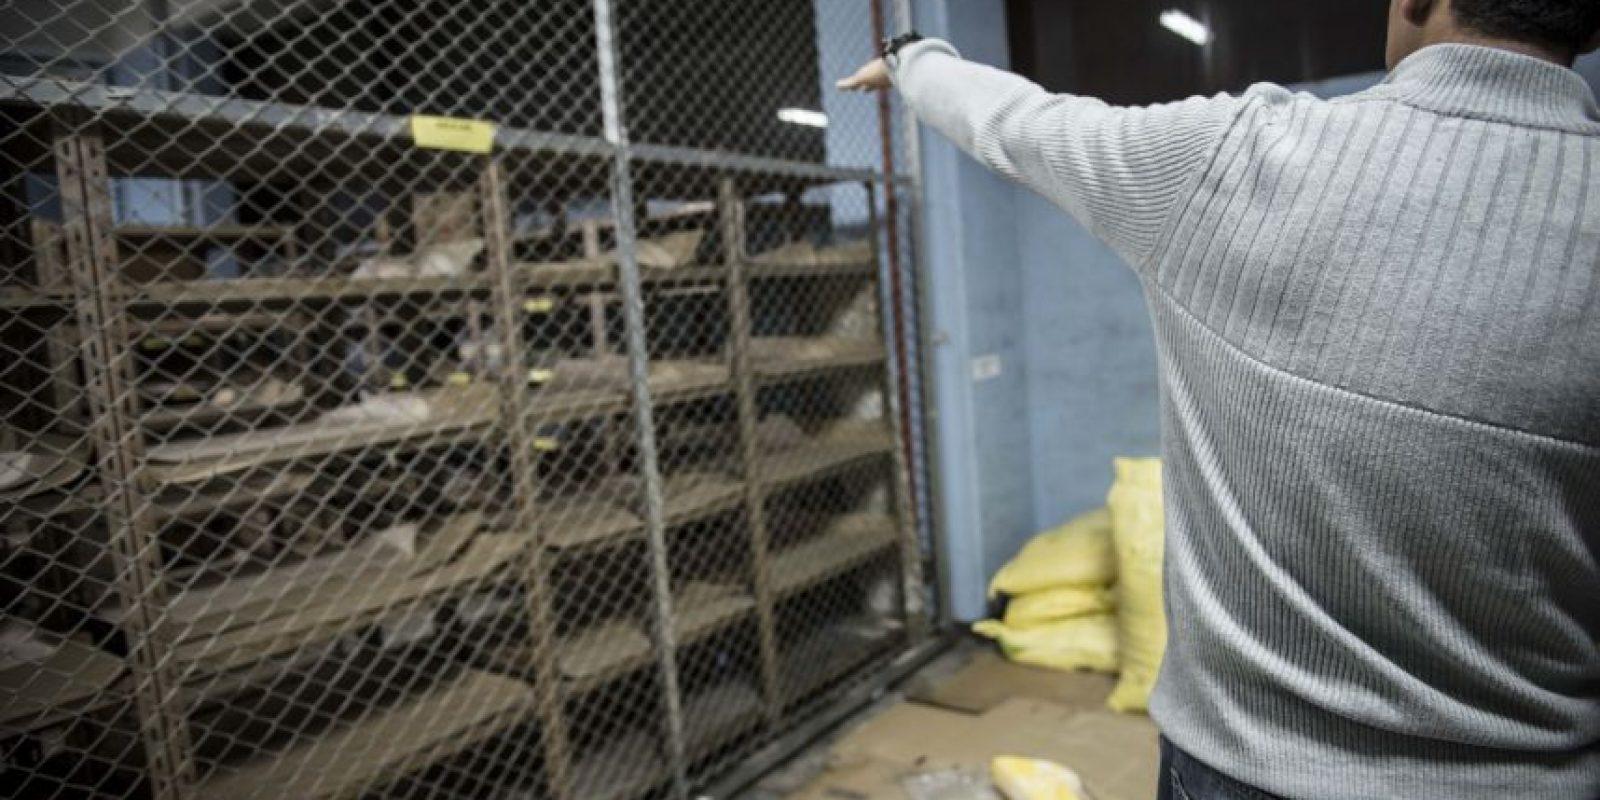 Un trabajador de las cocinas del hospital indica el nivel por donde deberían llegar los sacos de harina y afirma que la cantidad actual de alimentos cubre solamente para las dos próximas semanas. Foto:Oliver de Ros